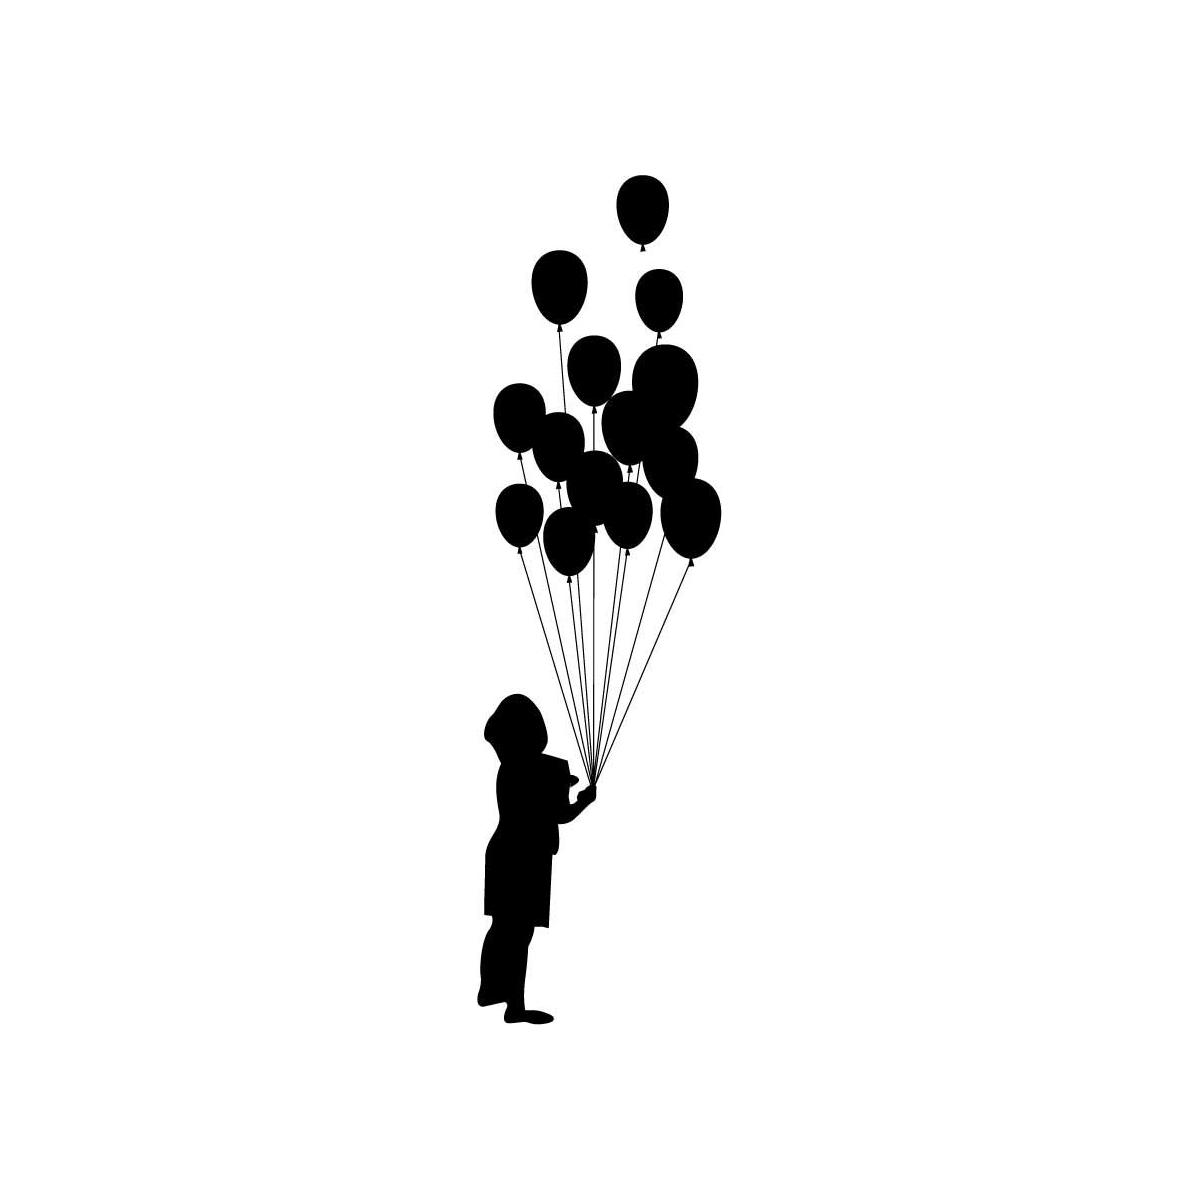 1200x1200 Little Boy Balloon Silhouette Balloon Silhouette Kid Plotten